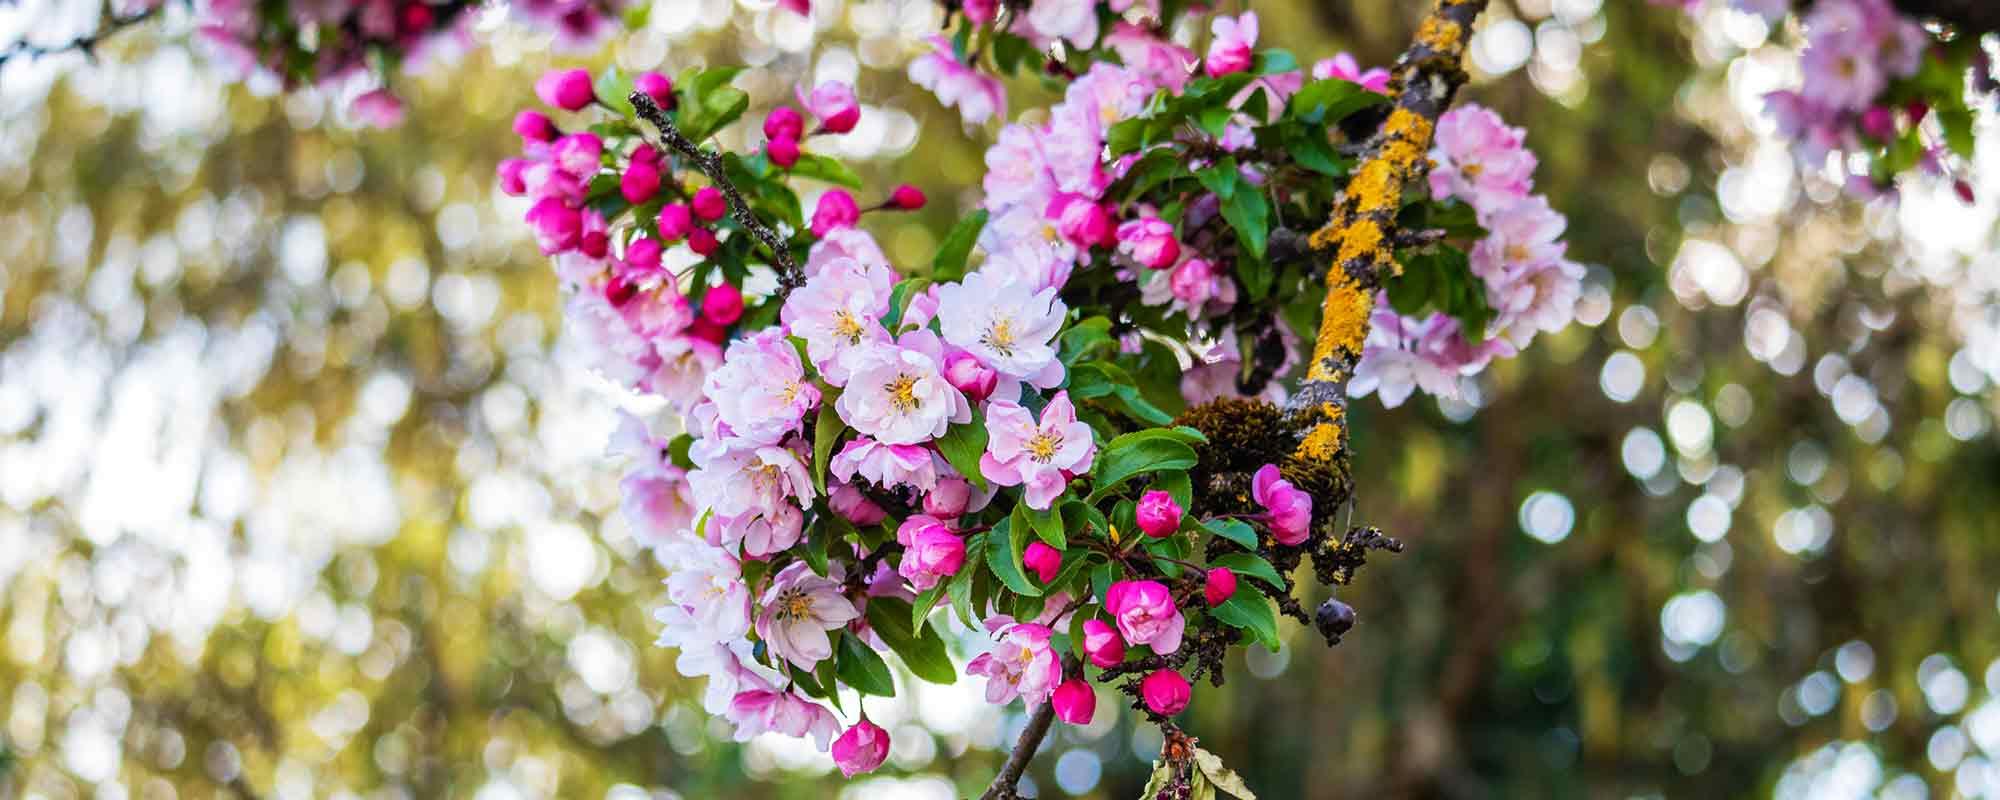 Obstbaum Apfelblüte